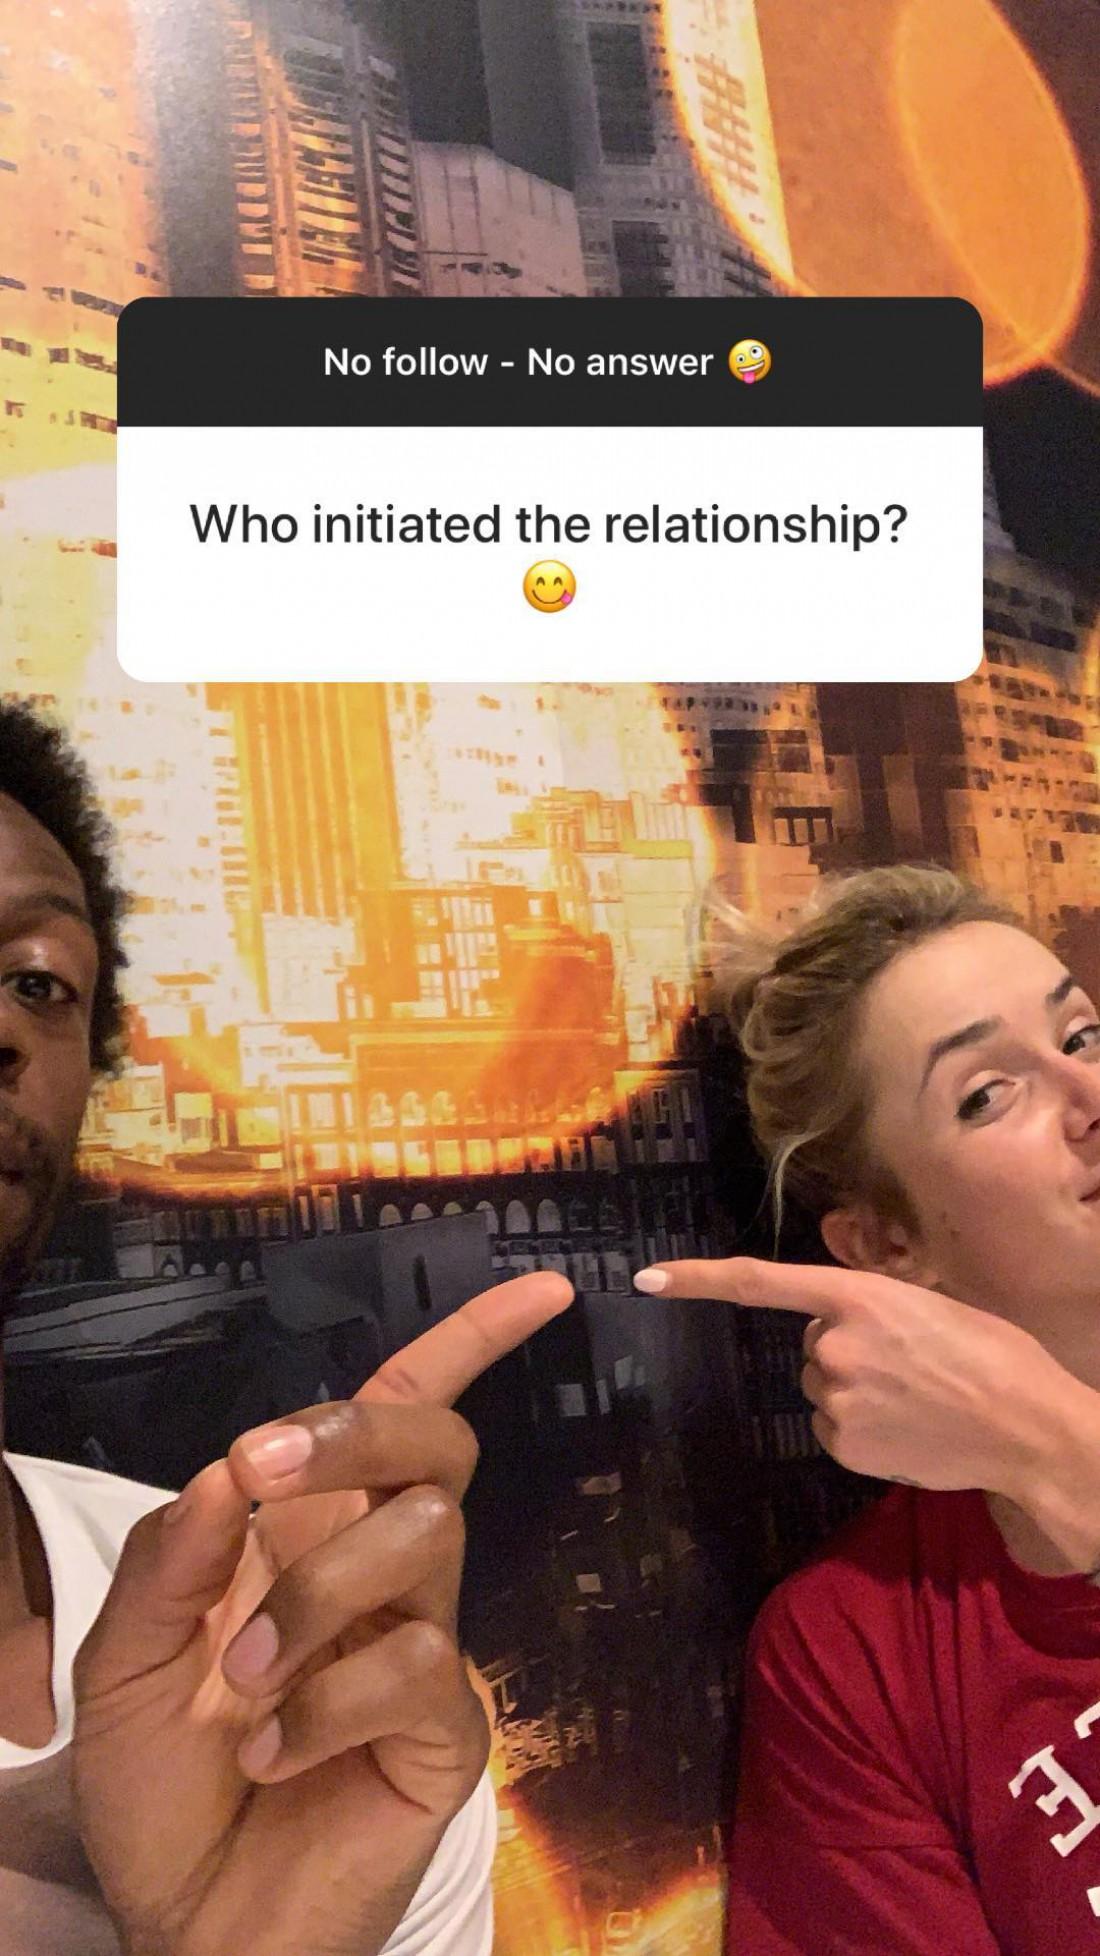 Кто инициировал отношения?